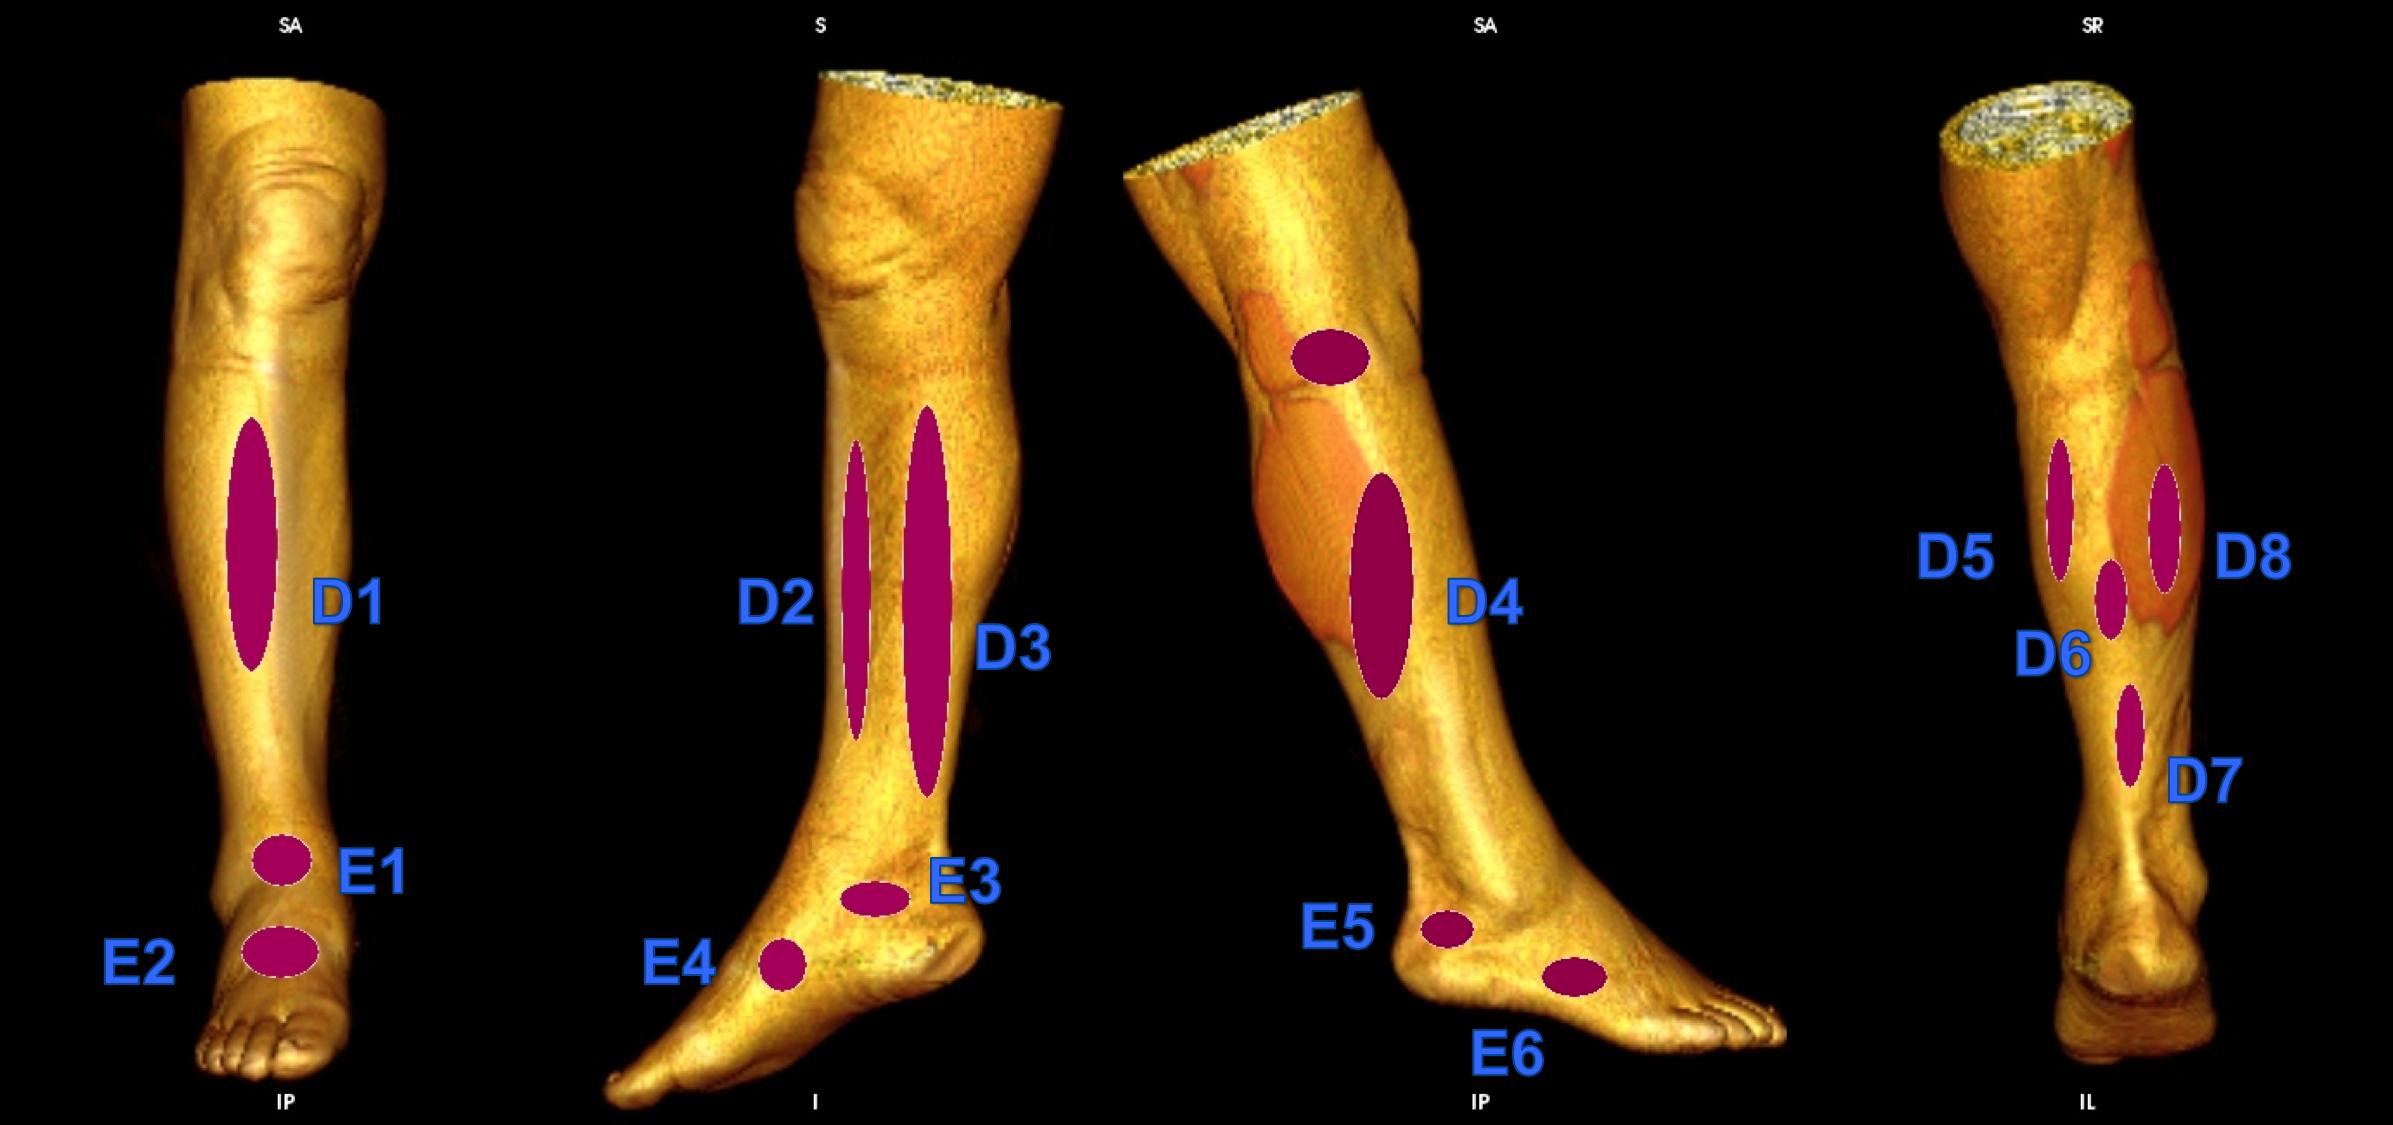 D1 Anterior Leg Perforator D2 Paratibial Perforator D3